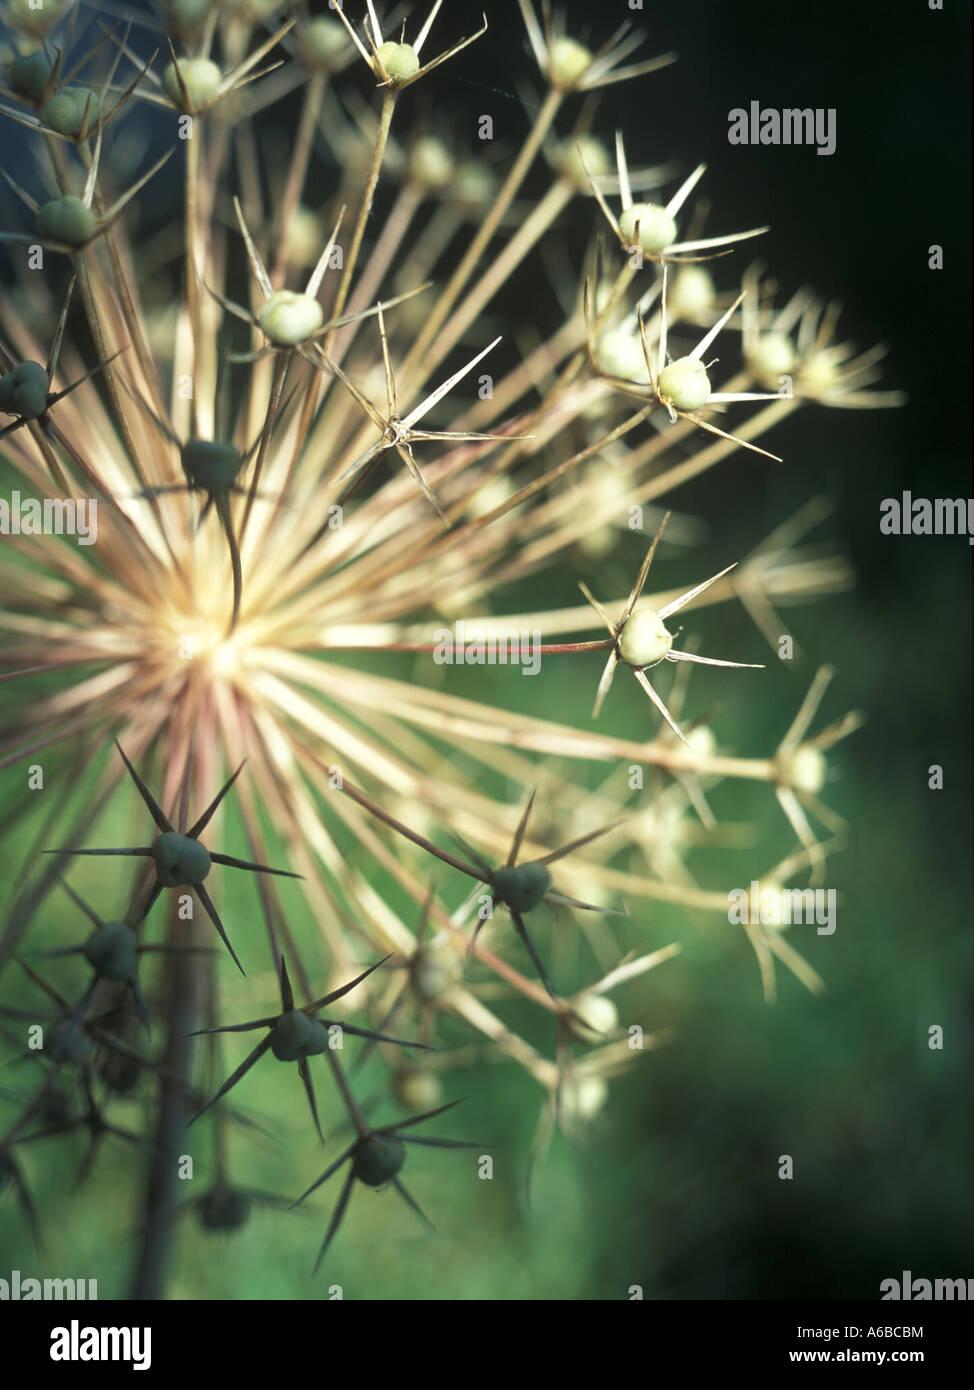 dry garden angelica Angelica archangelica inflorescence - Stock Image